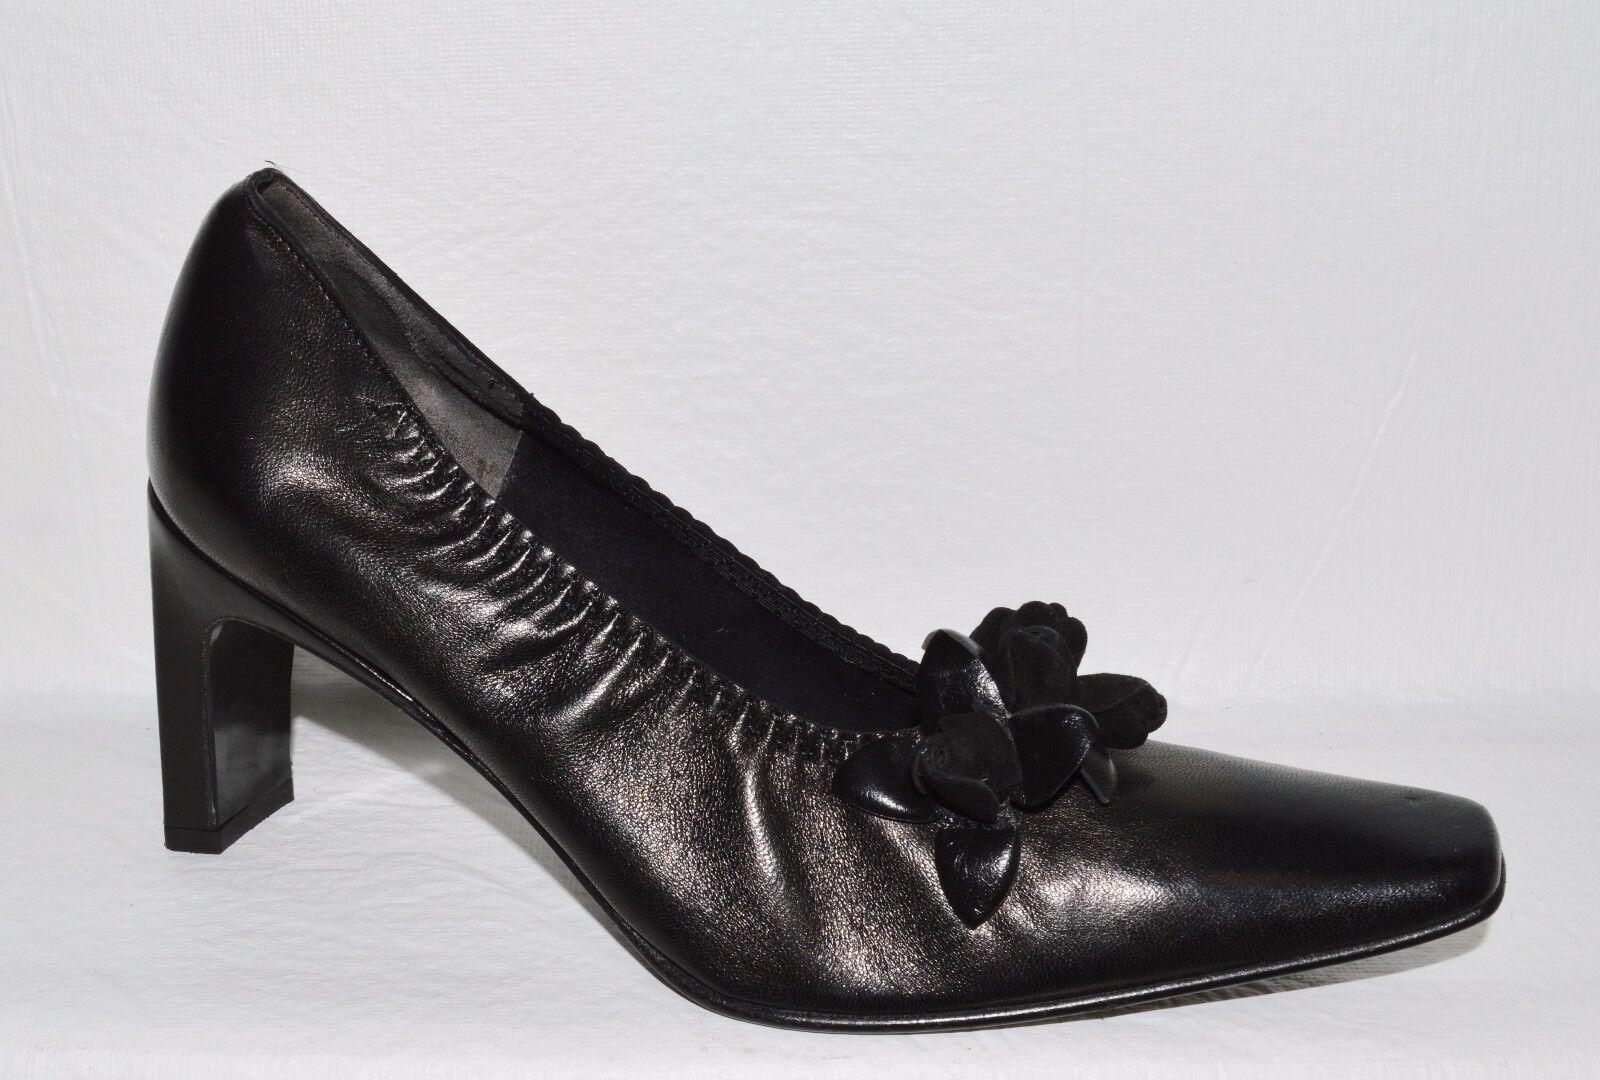 buona reputazione JEAN PAUL BARRIOL ACCESSOIRE PARIS 6 6 6 M 37 nero LEATHER PUMPS HEELS scarpe FRANCE  per il tuo stile di gioco ai prezzi più bassi